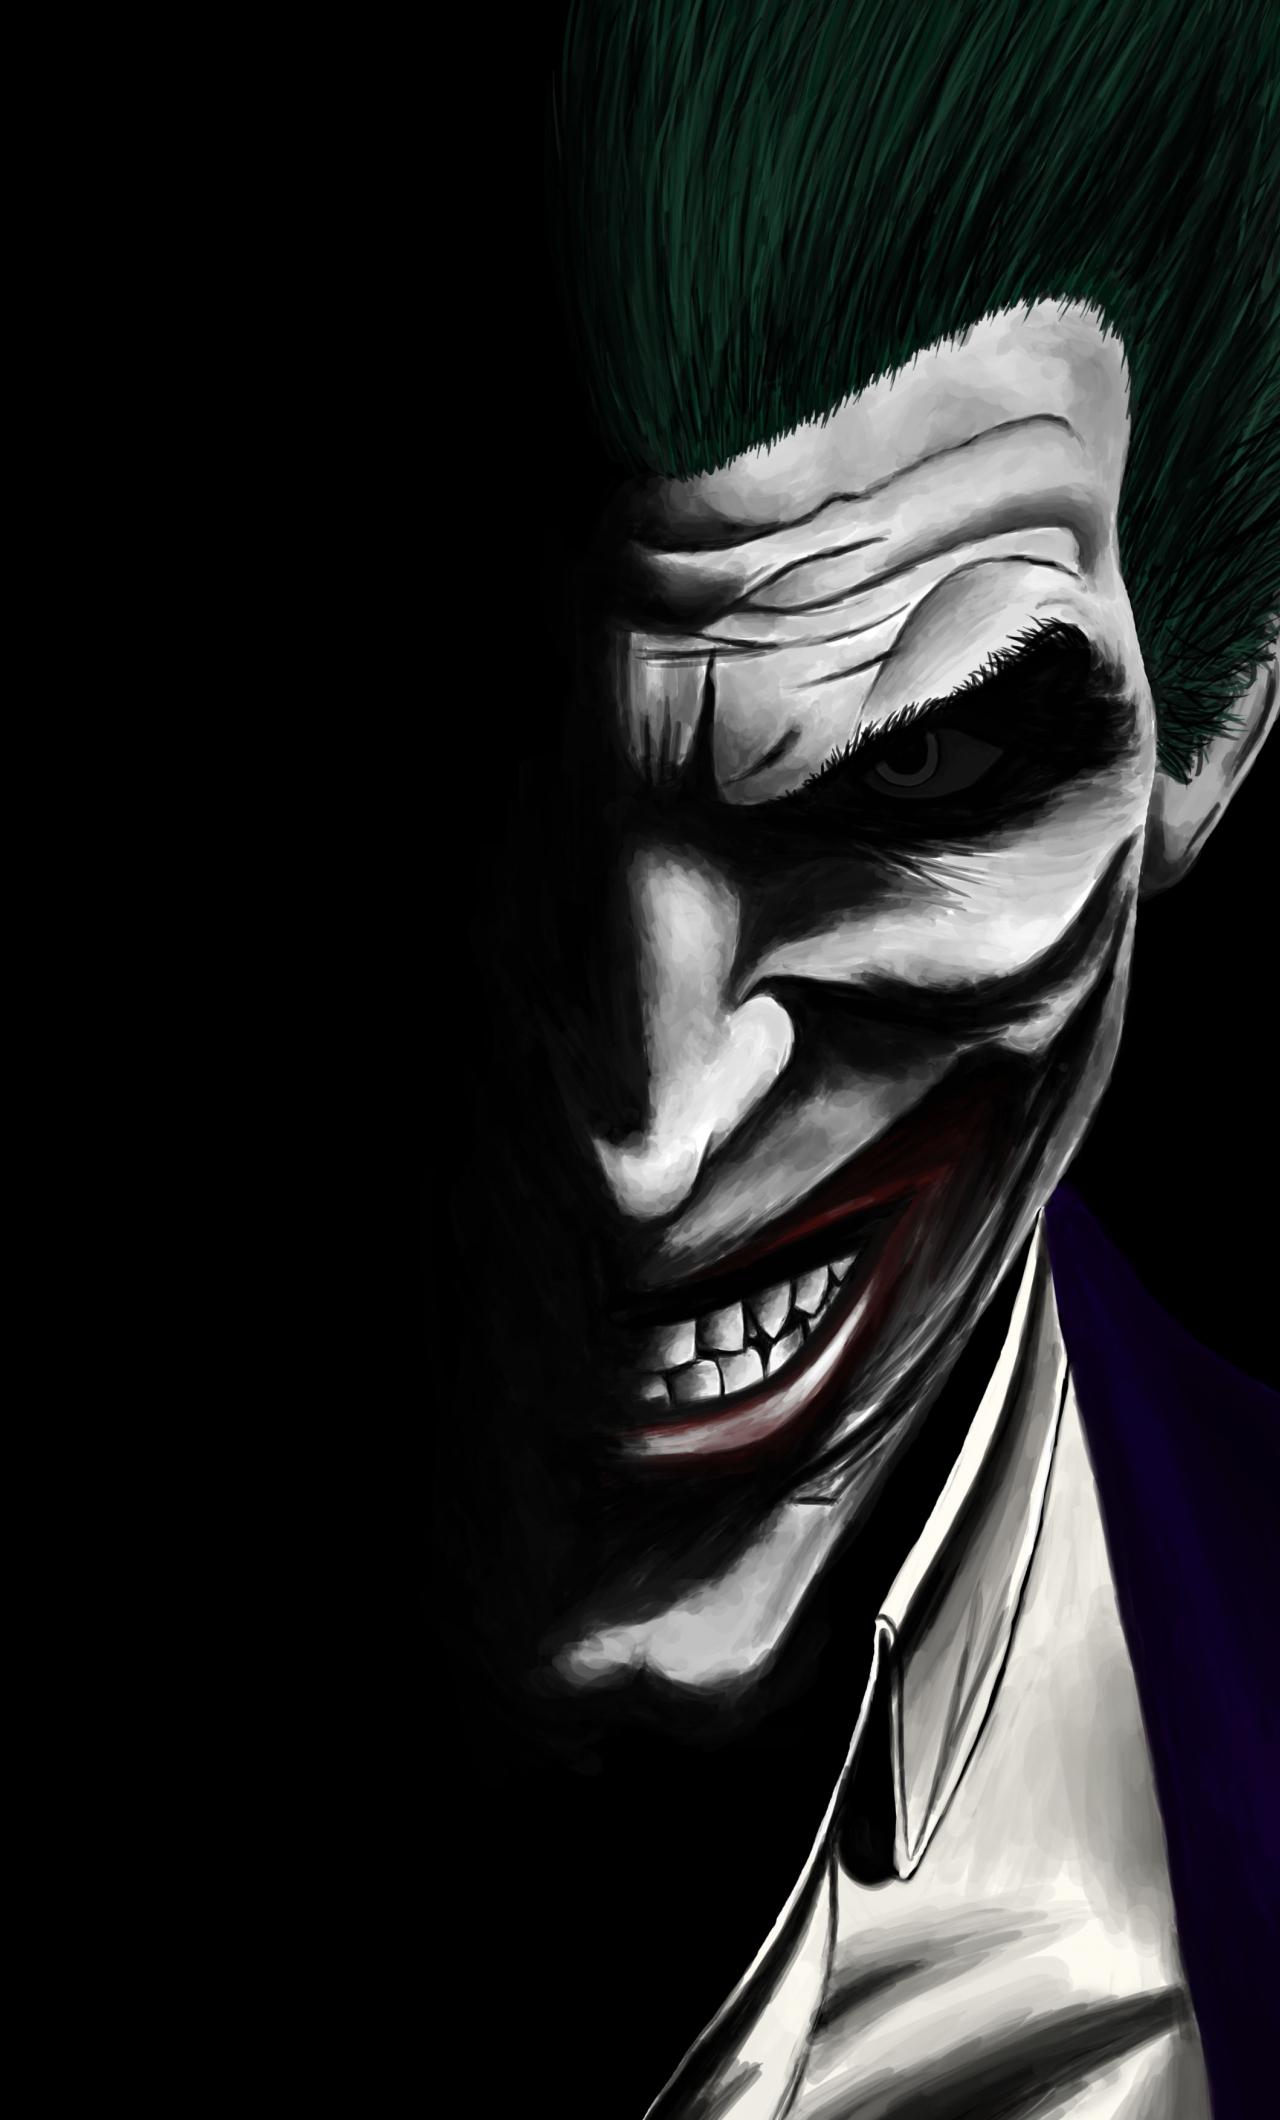 Download 1280x2120 Wallpaper Joker Dark Dc Comics Villain